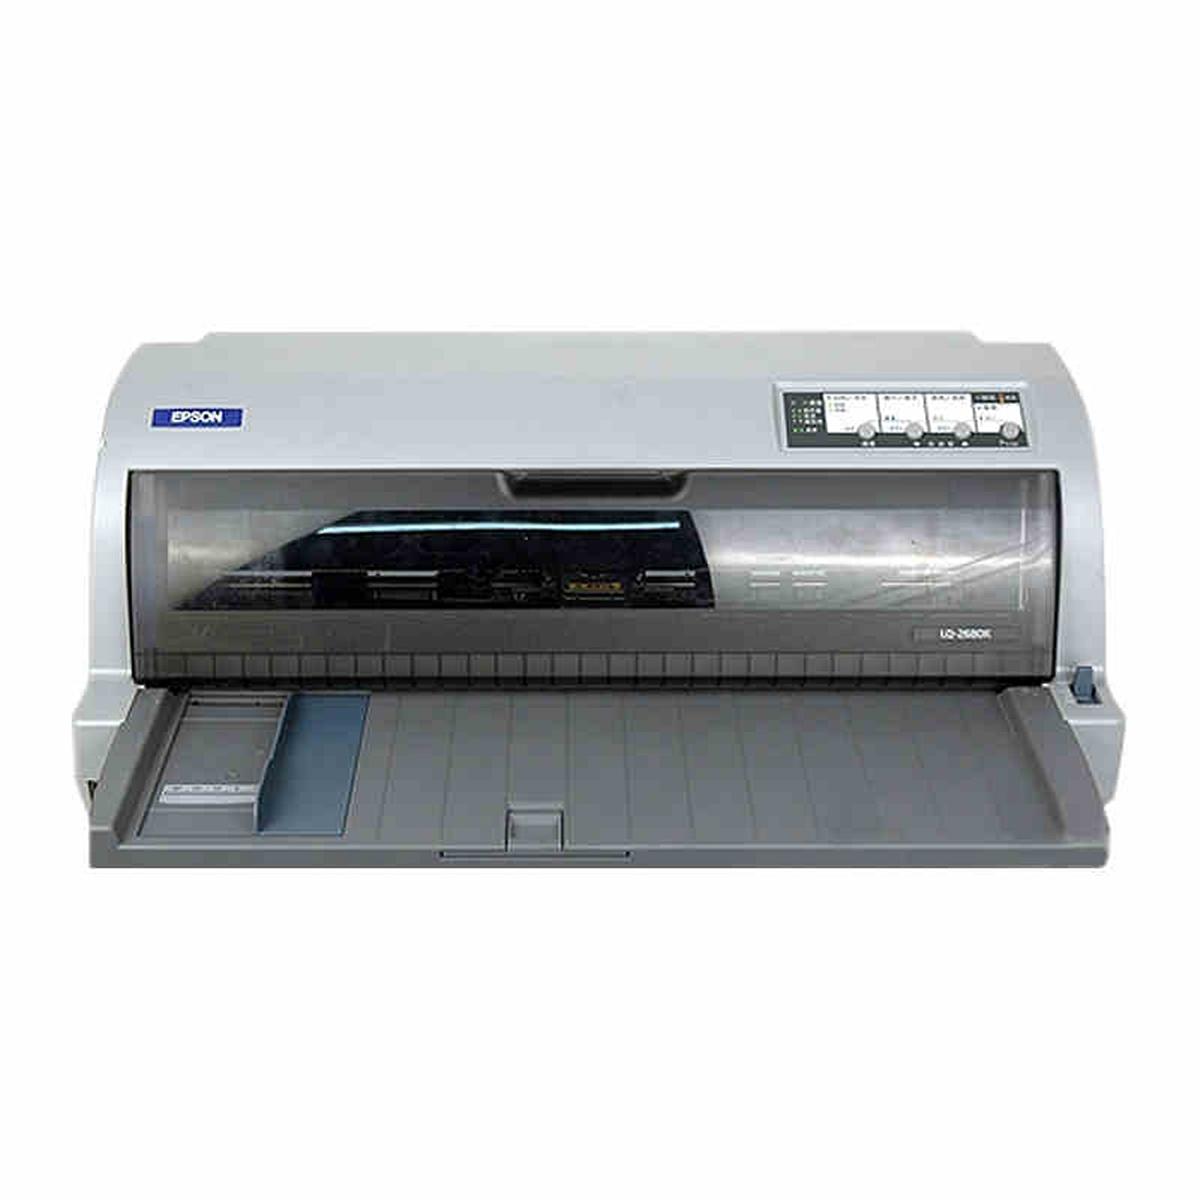 爱普生 LQ-2680K 针式打印机 (单位:台)